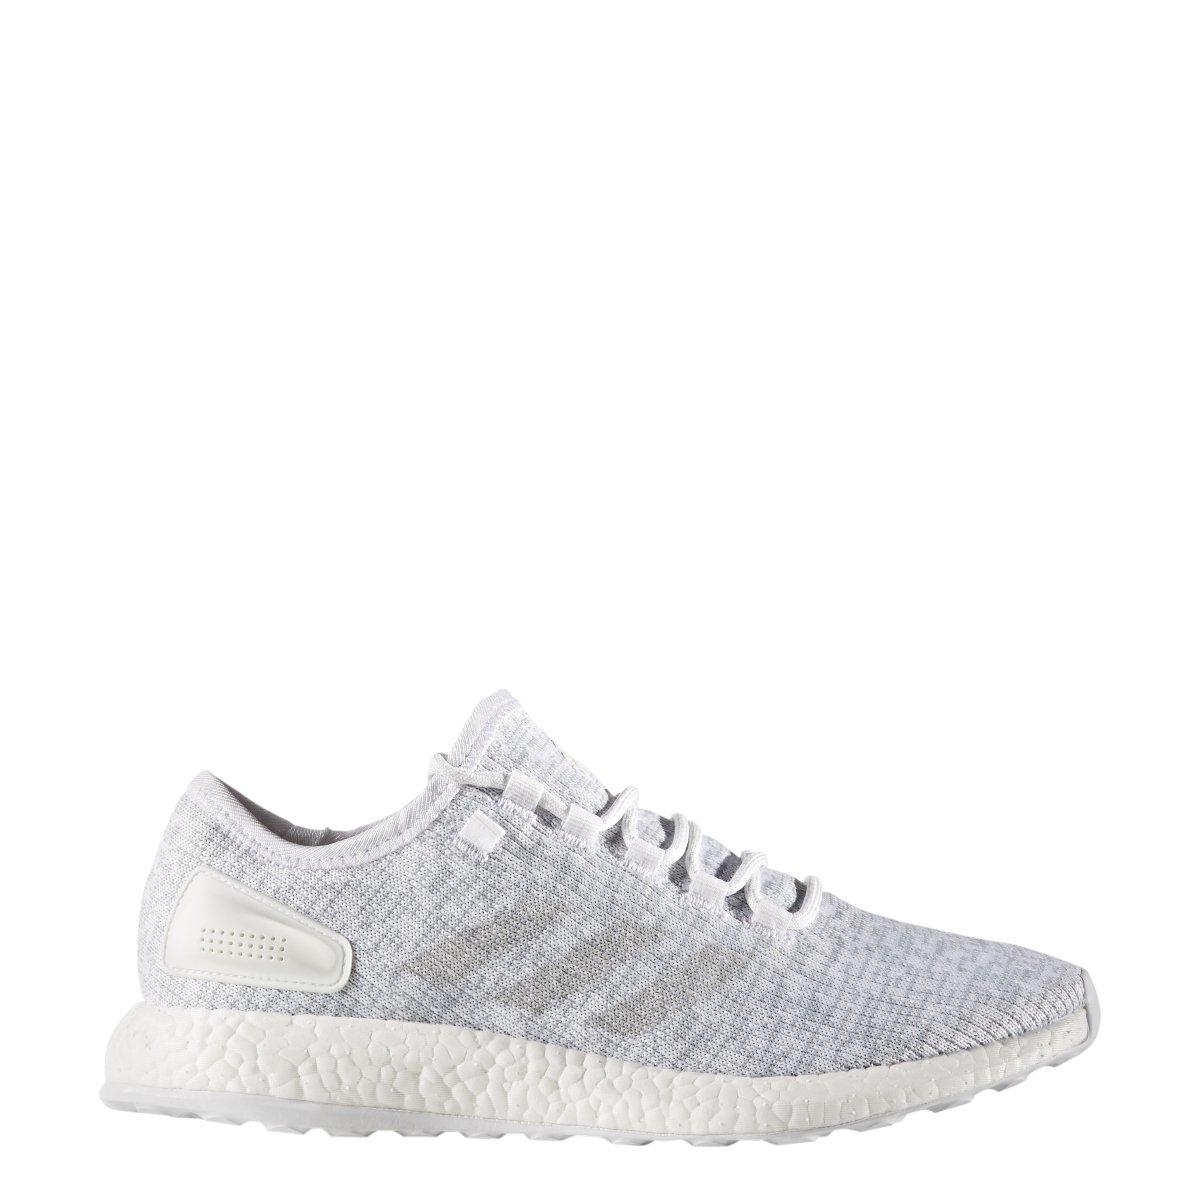 blanco-clear gris-blanco Adidas Pureboost M Tamaño de los zapatos 8,5